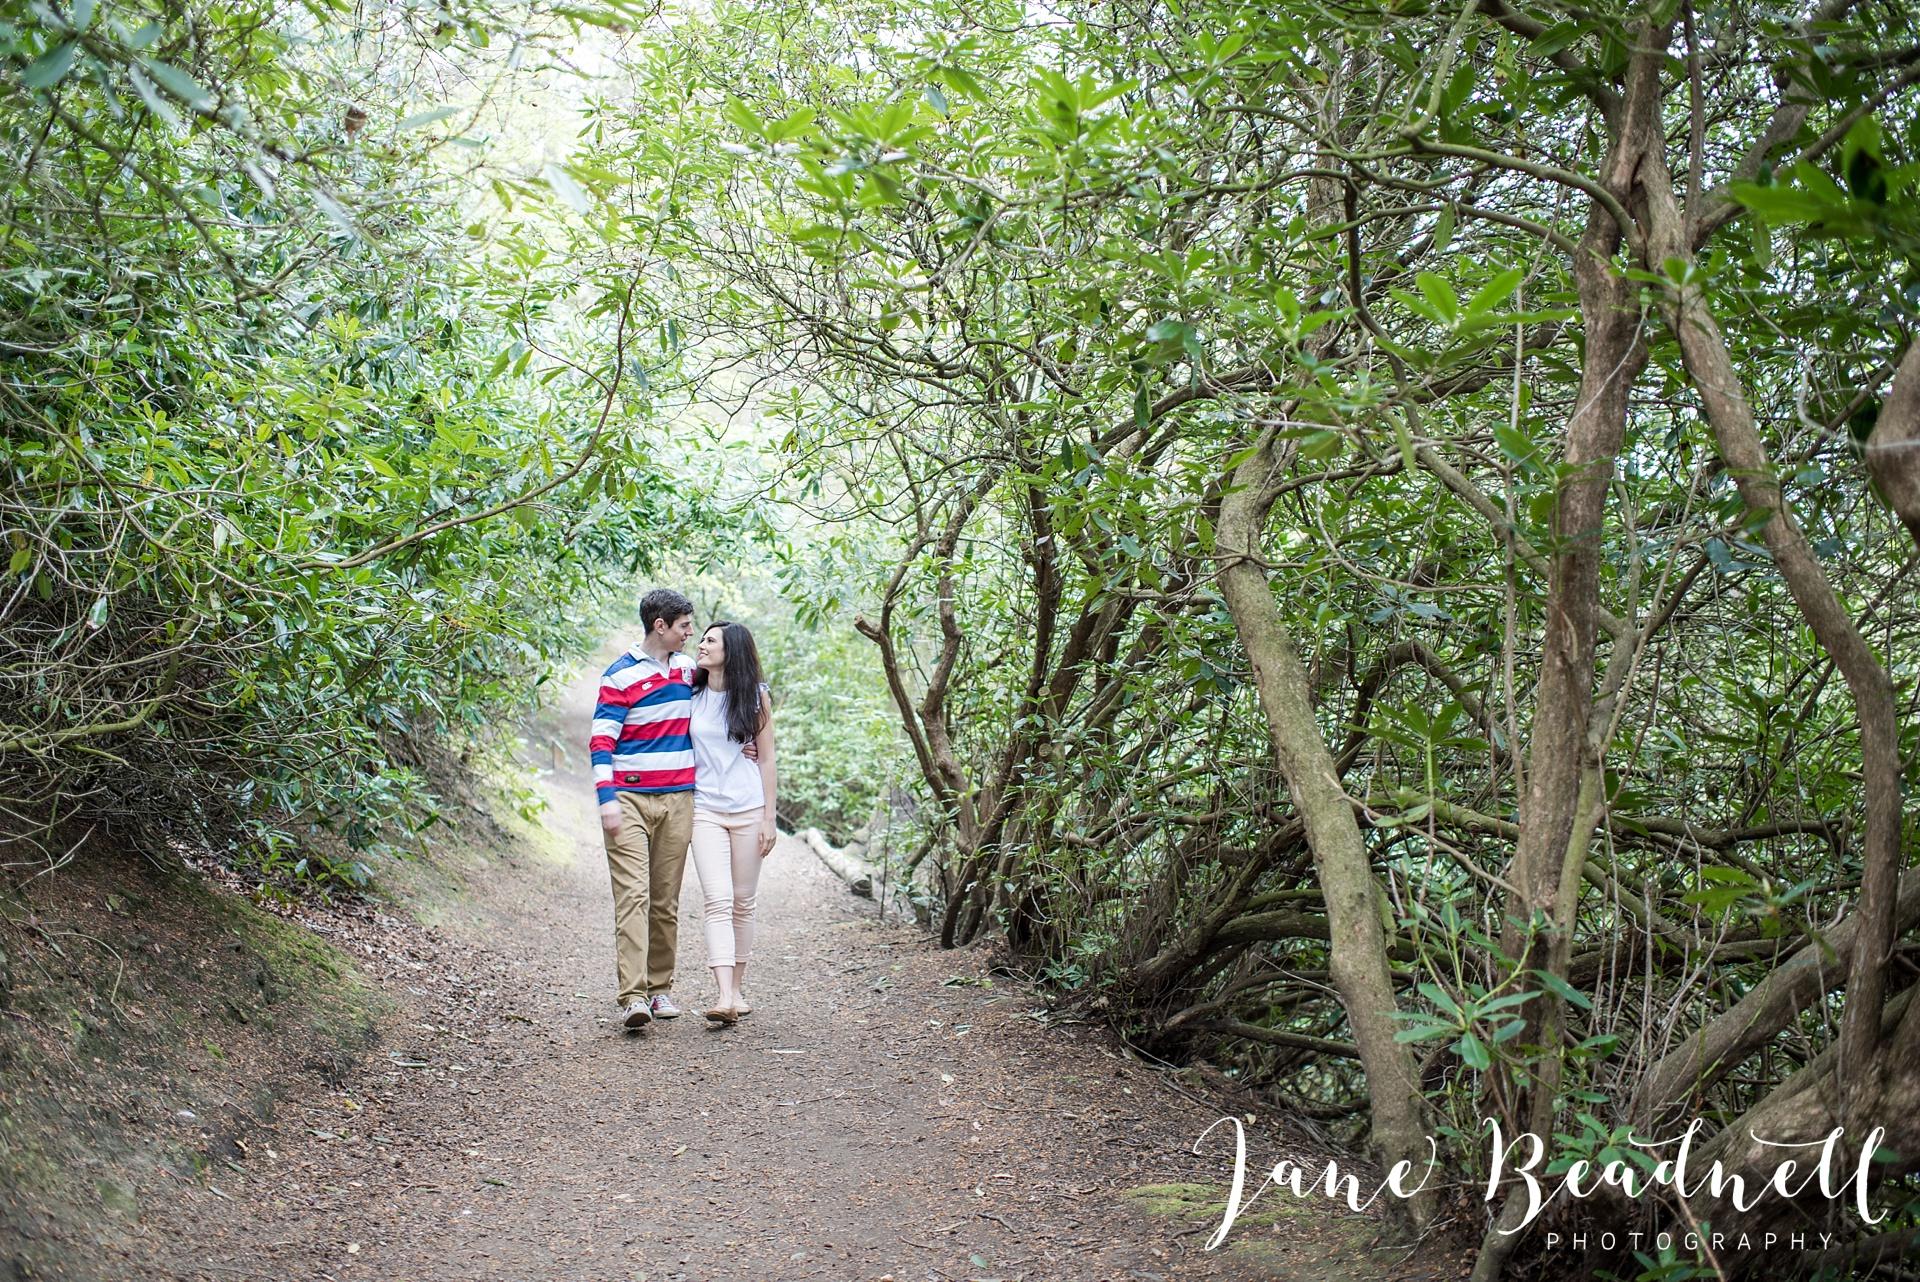 Yorkshire Sculpture Park Engagement Shoot Leeds wedding photographer Jane Beadnell_0071